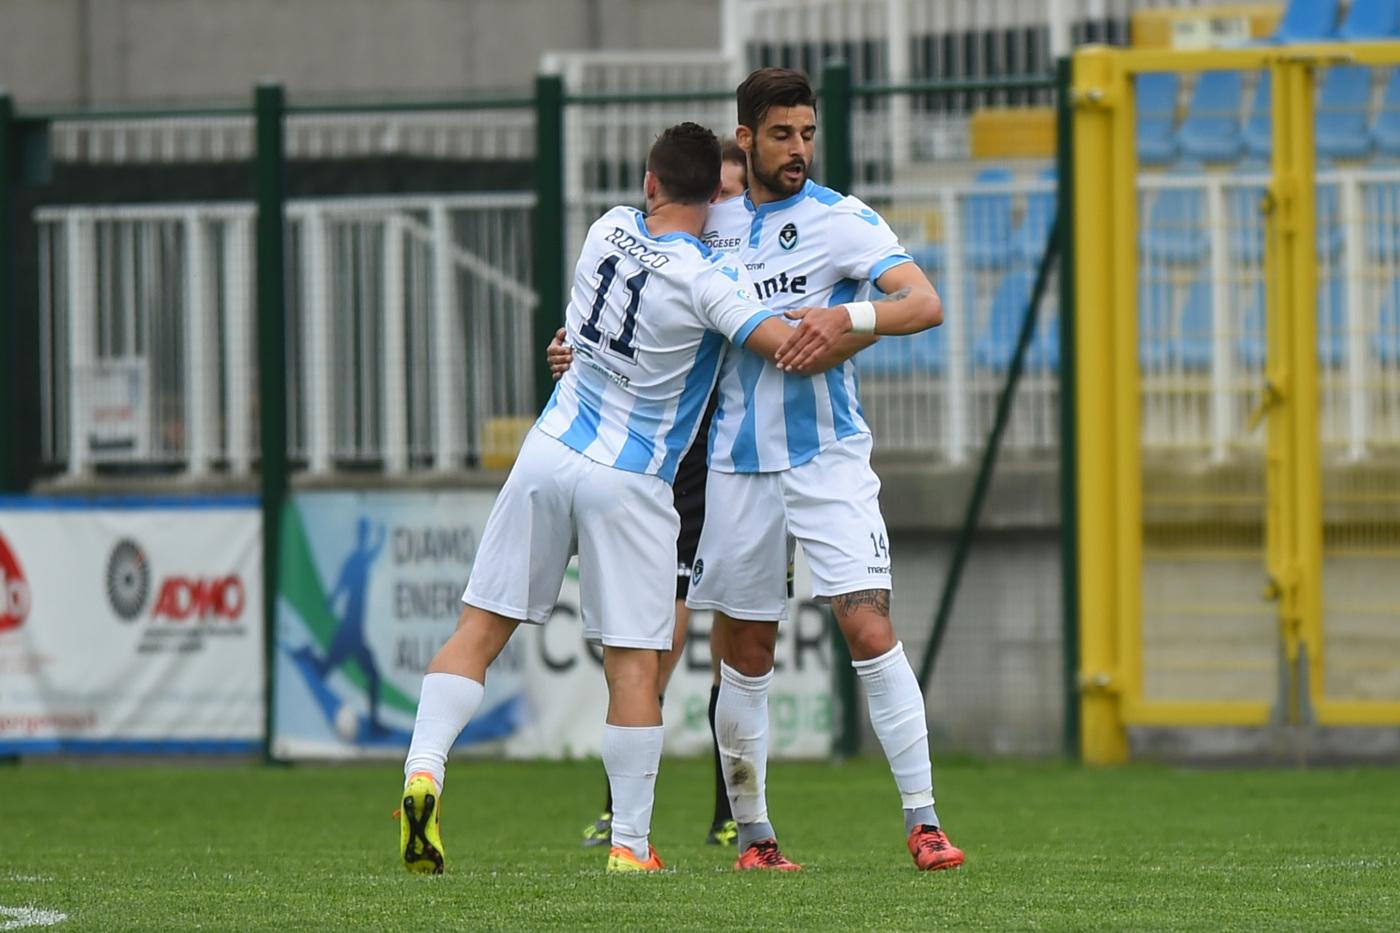 Pro Vercelli-Giana Erminio 10 novembre: il pronostico di Serie C